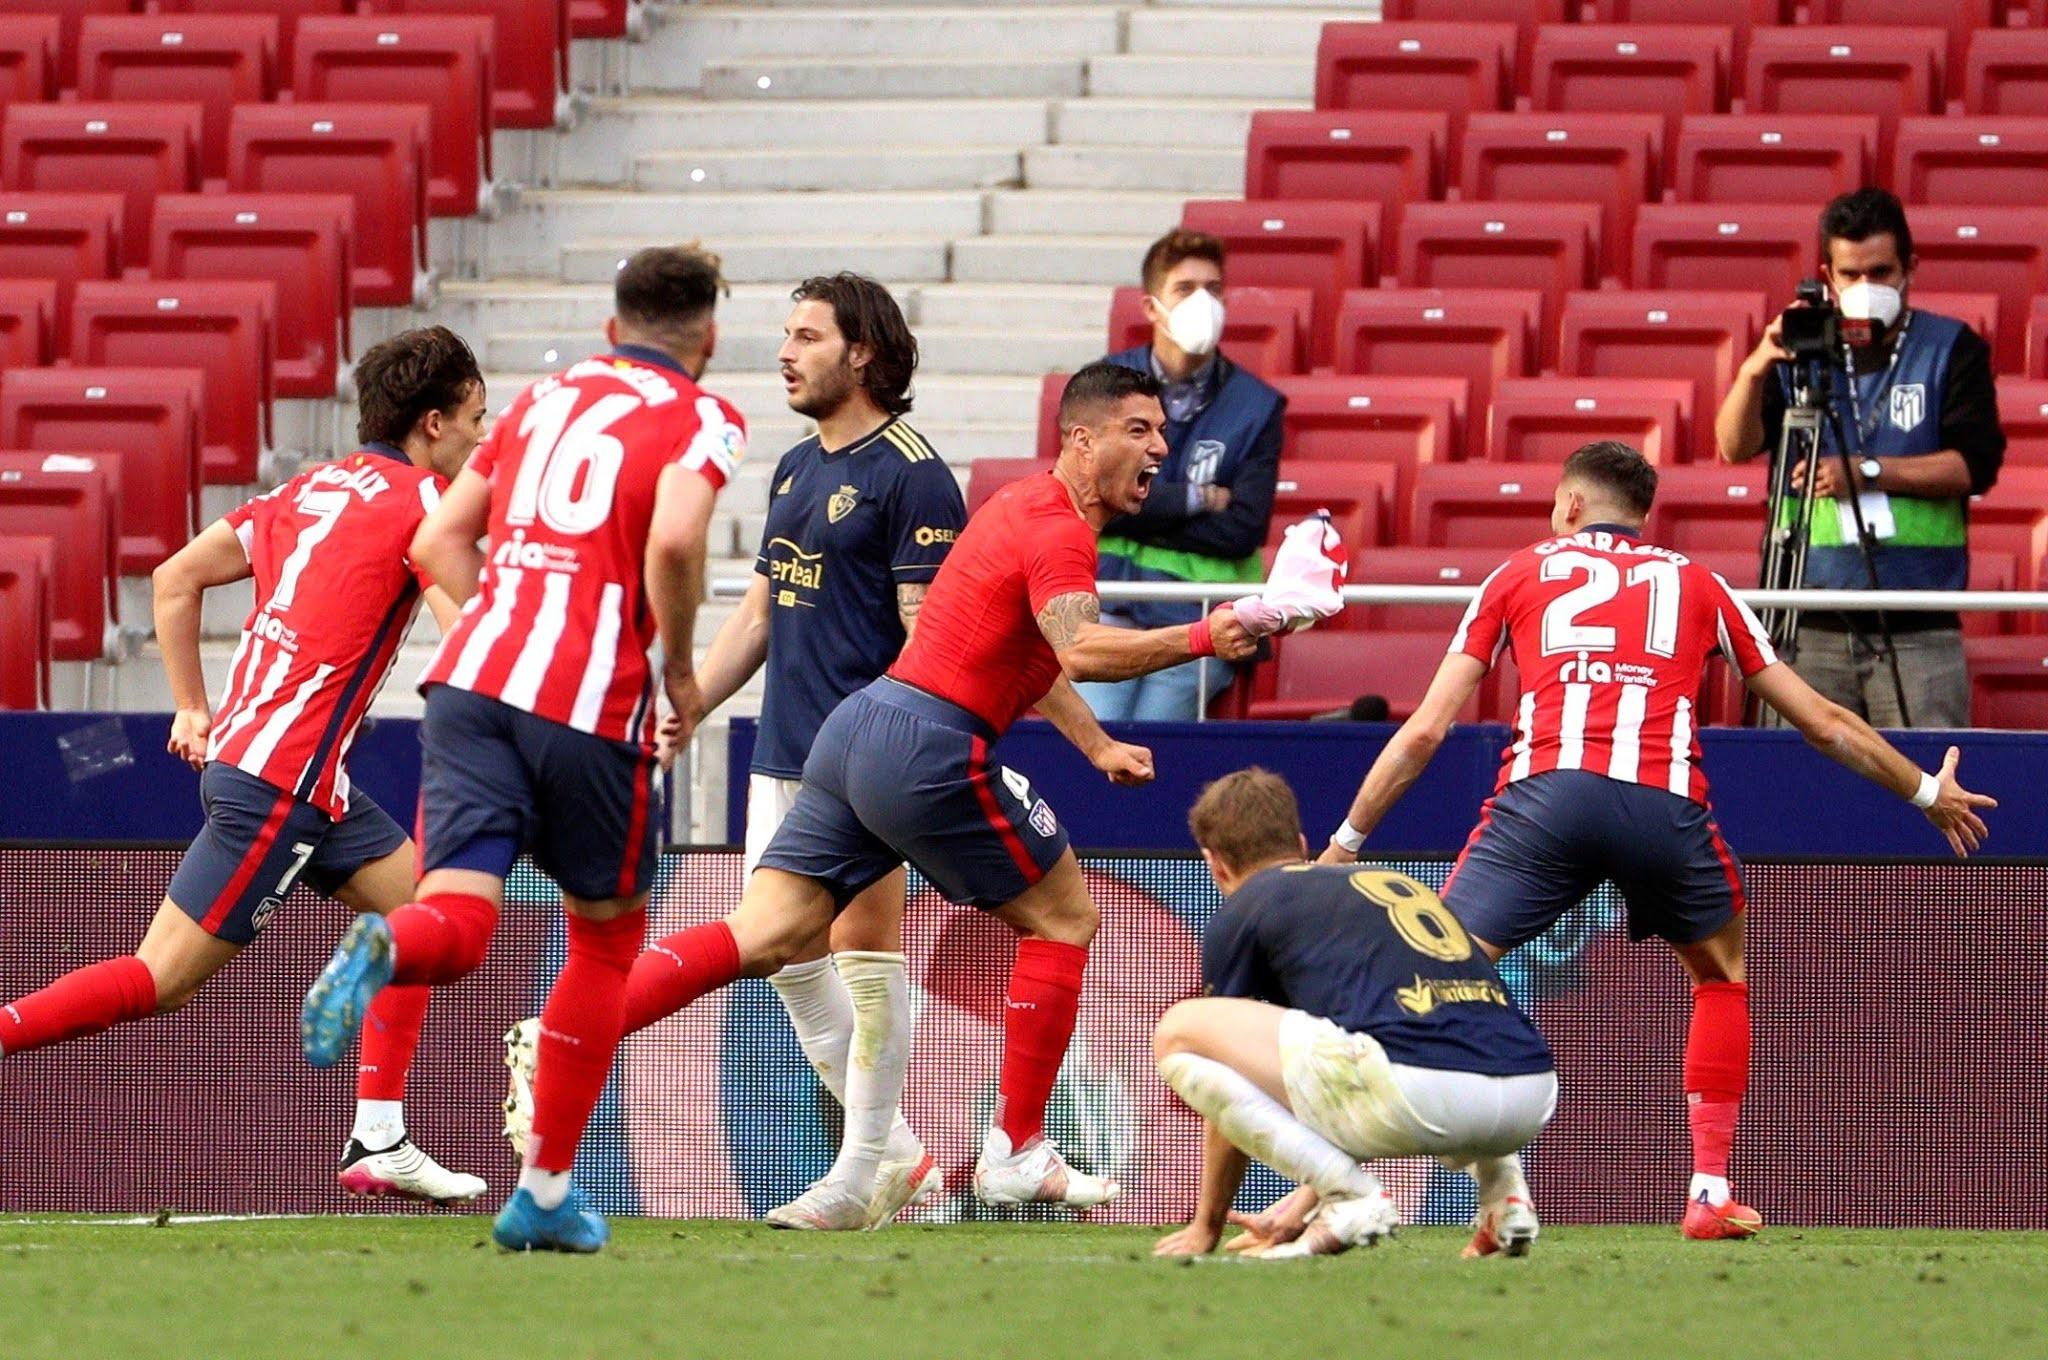 El Atlético Madrid de Simeone lo dio vuelta en el final y quedó a un paso de la obtención del título